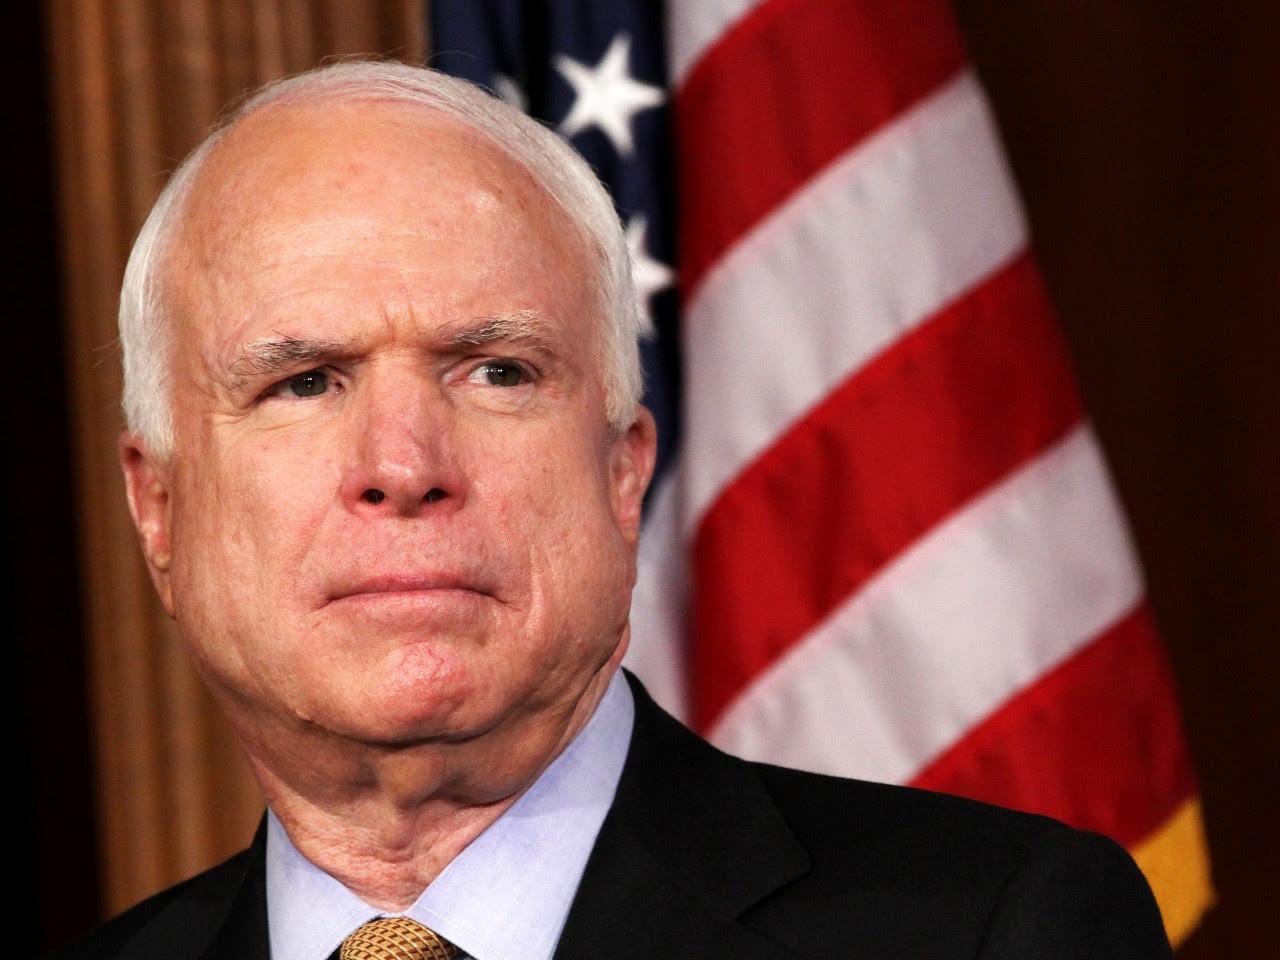 http://news.usni.org/wp-content/uploads/2014/12/John-McCain.jpg